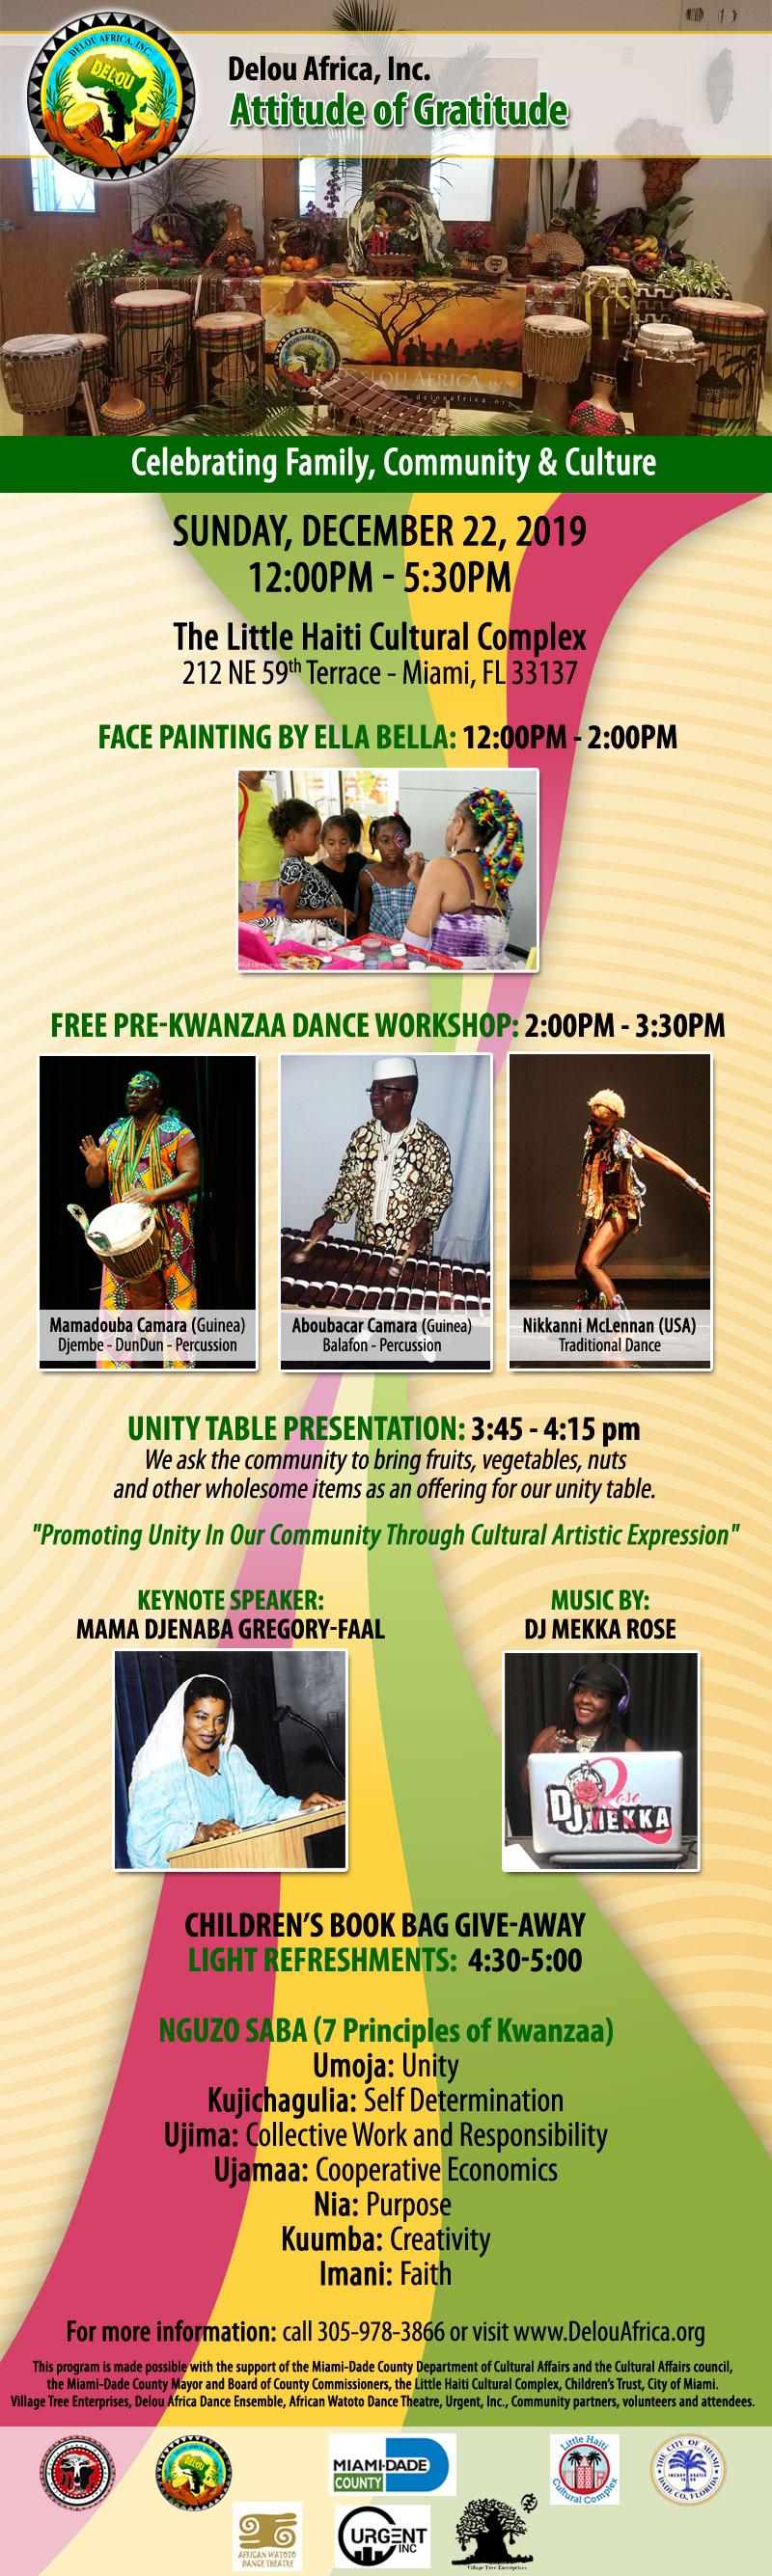 Attitude of Gratitude Kwanzaa Event @ Little Haiti Cultural Complex